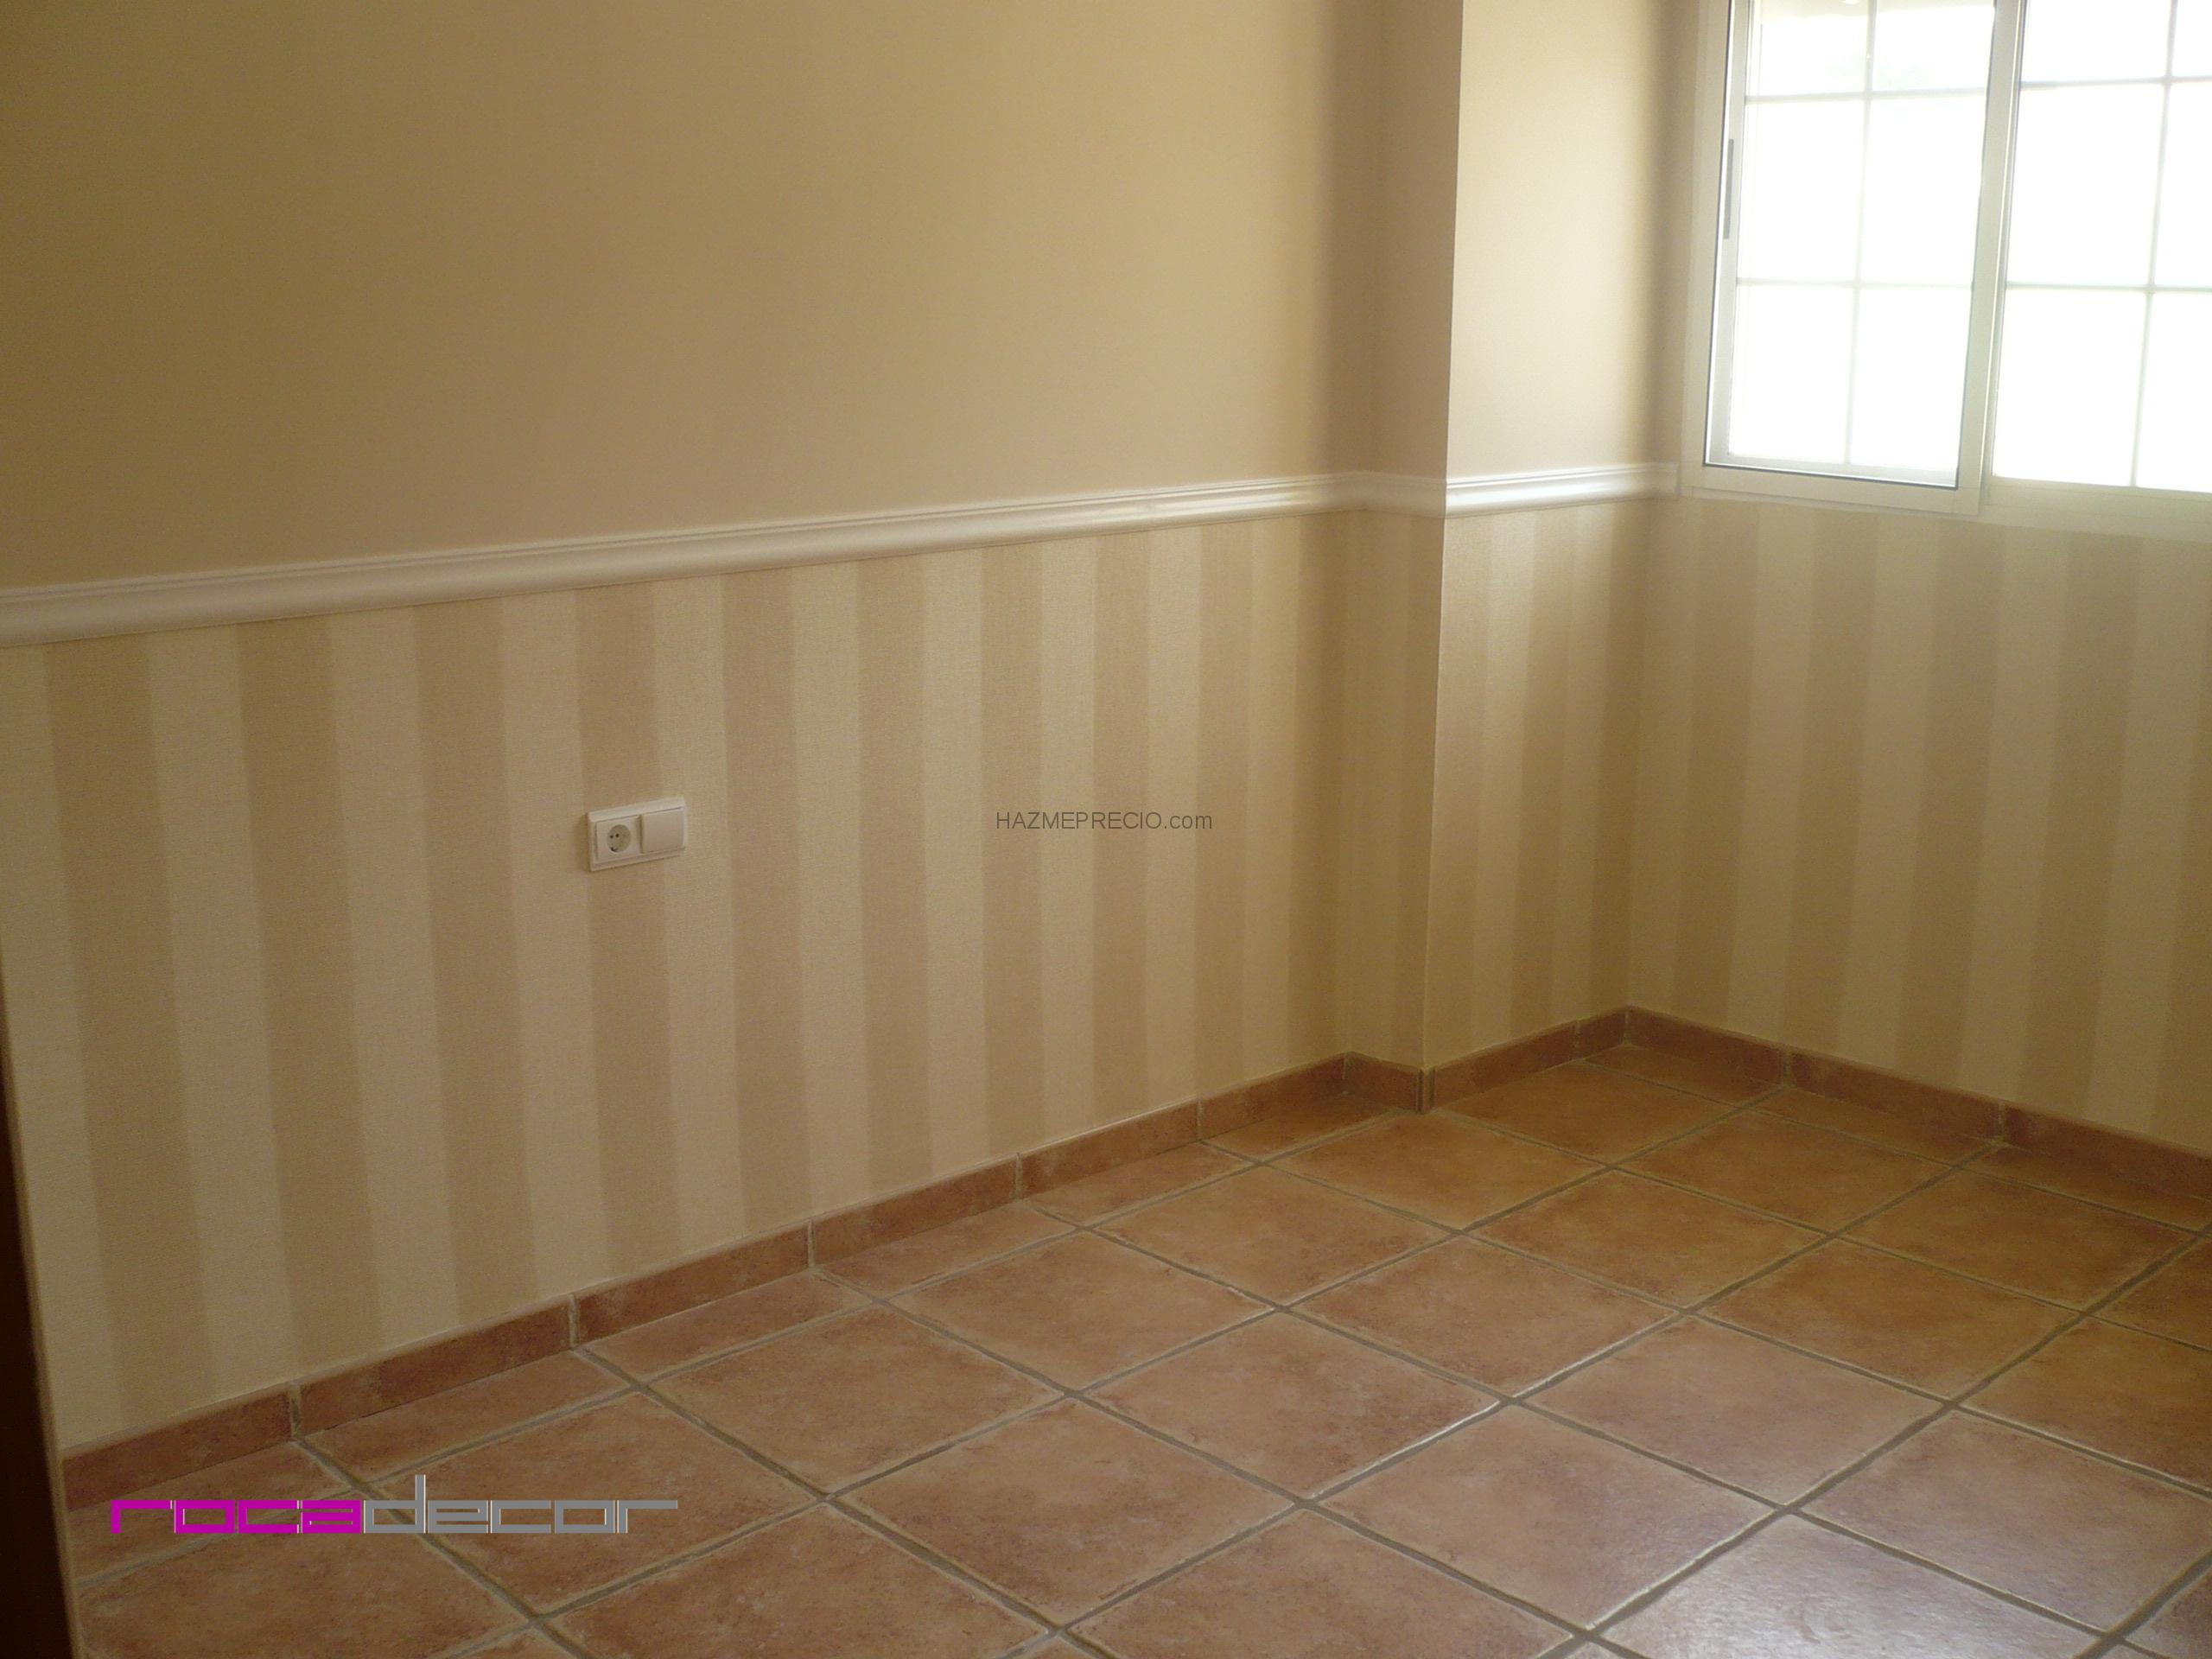 Presupuesto para pintar un piso de unos 70metros cuadrados for Presupuesto pintar piso